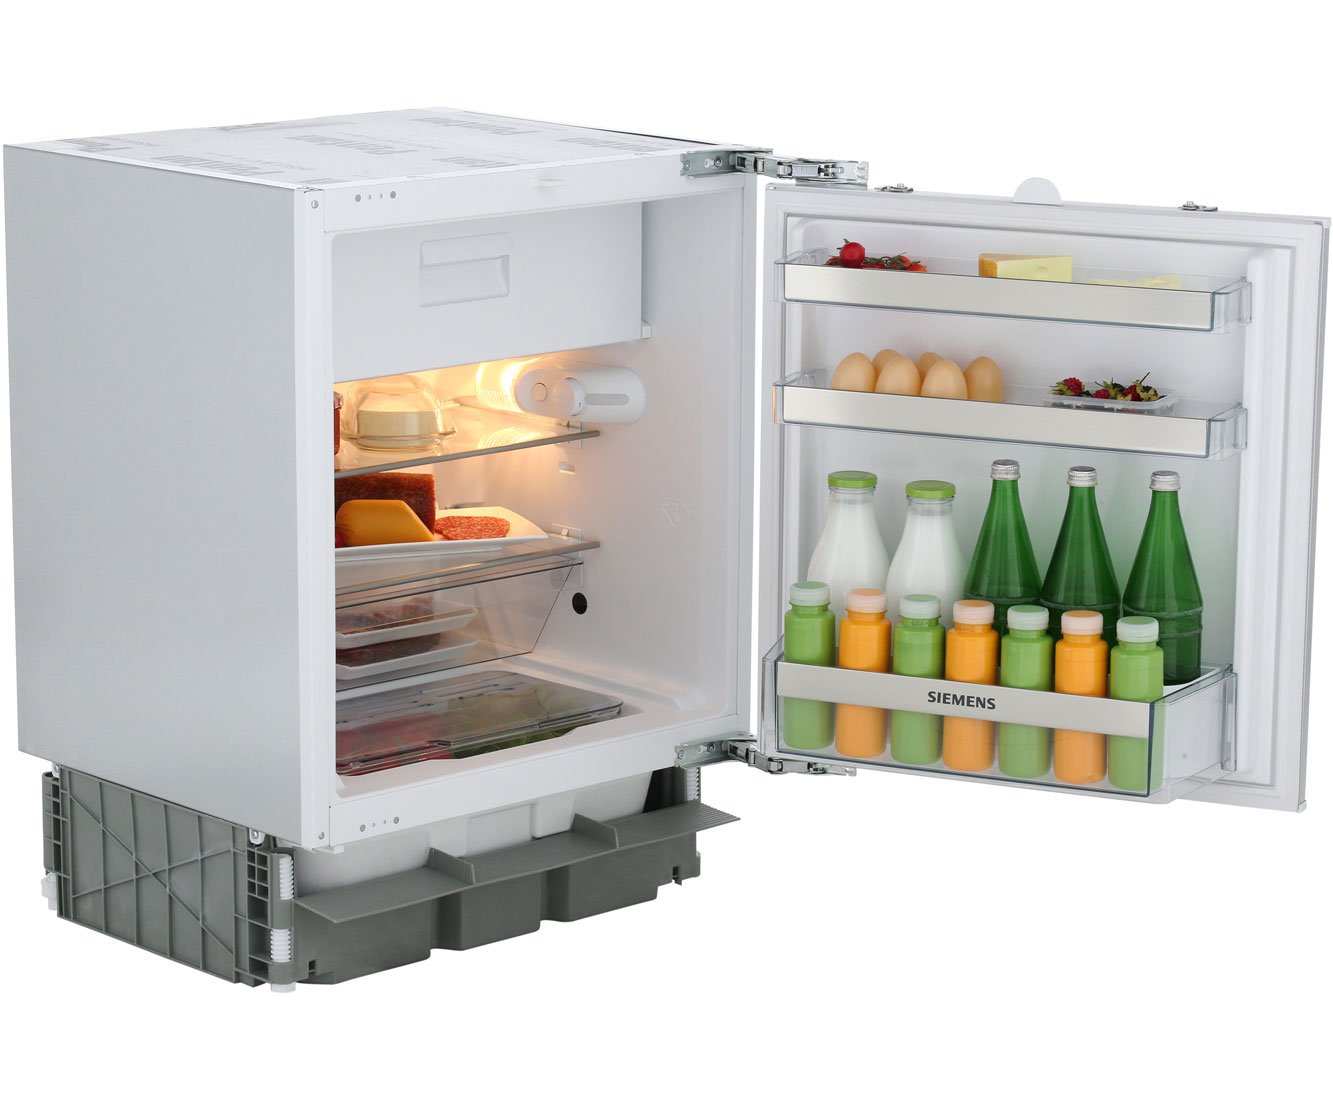 Siemens Kühlschrank Vollintegrierbar : Unterbau kühlschrank preisvergleich u2022 die besten angebote online kaufen